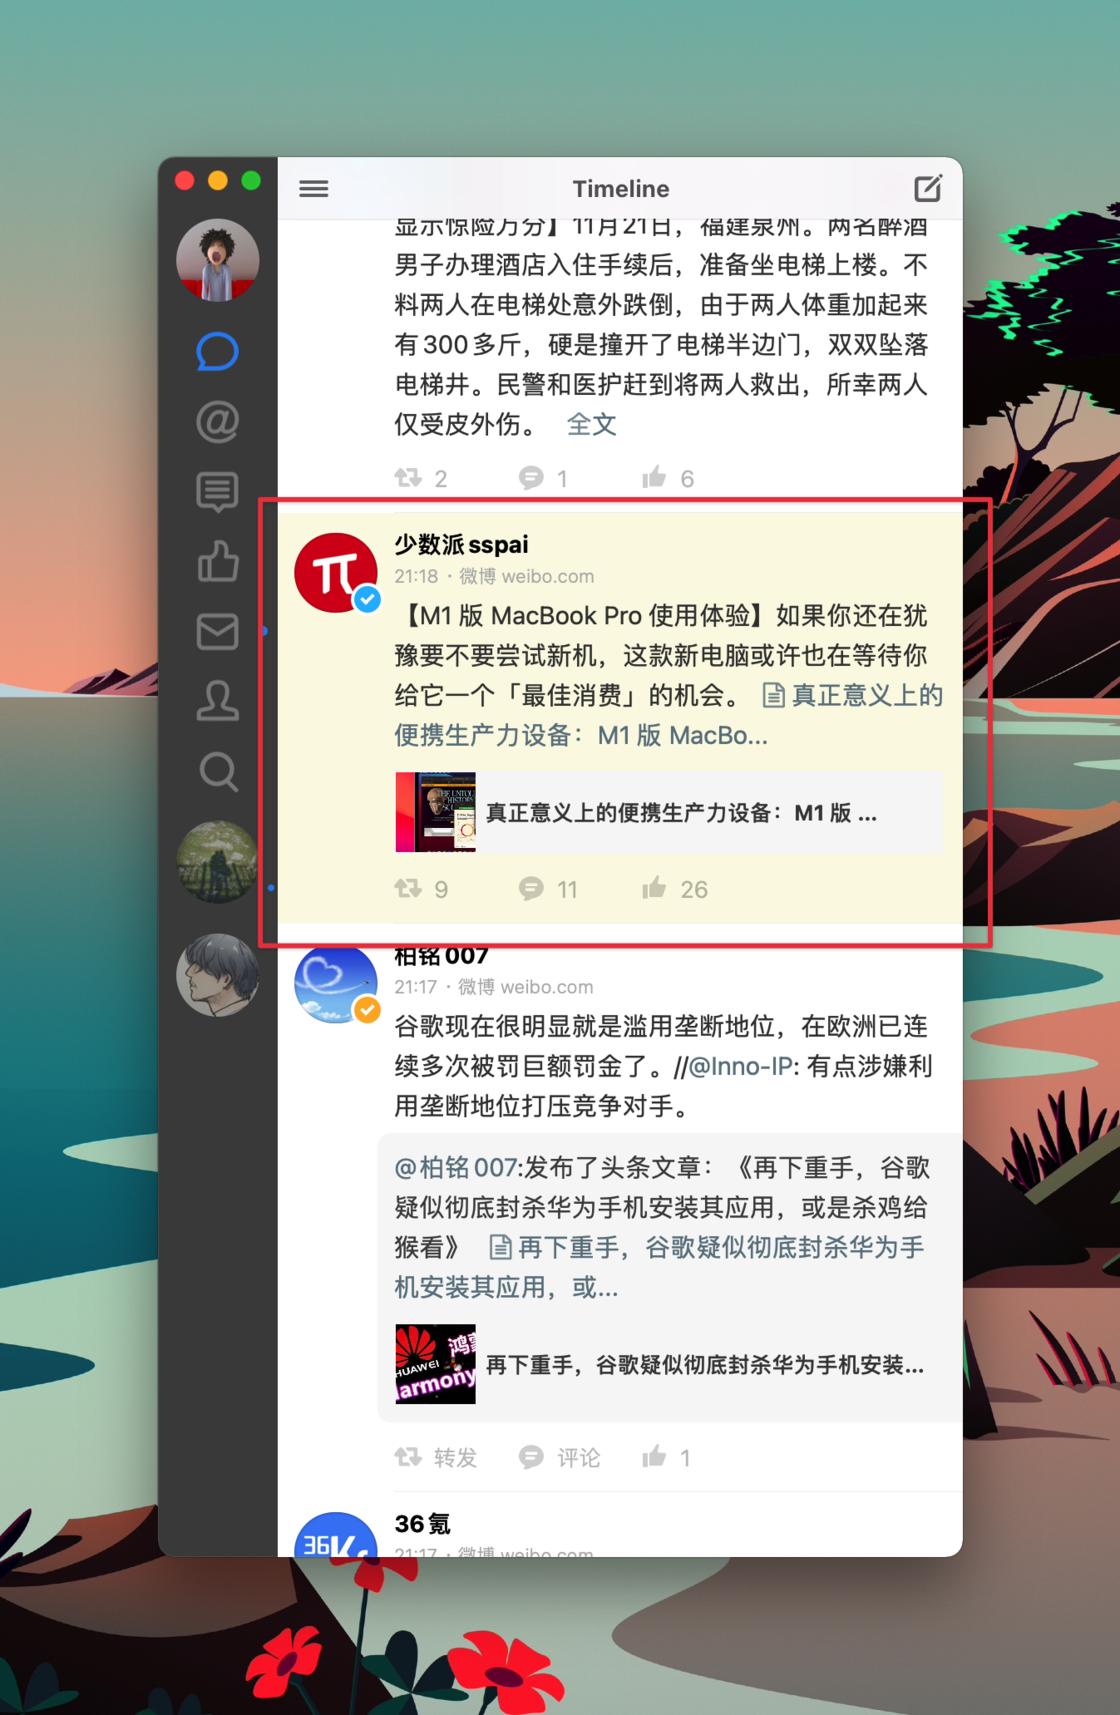 https://img.qikepai.cn/blog/2020/11/CJcY4f.png